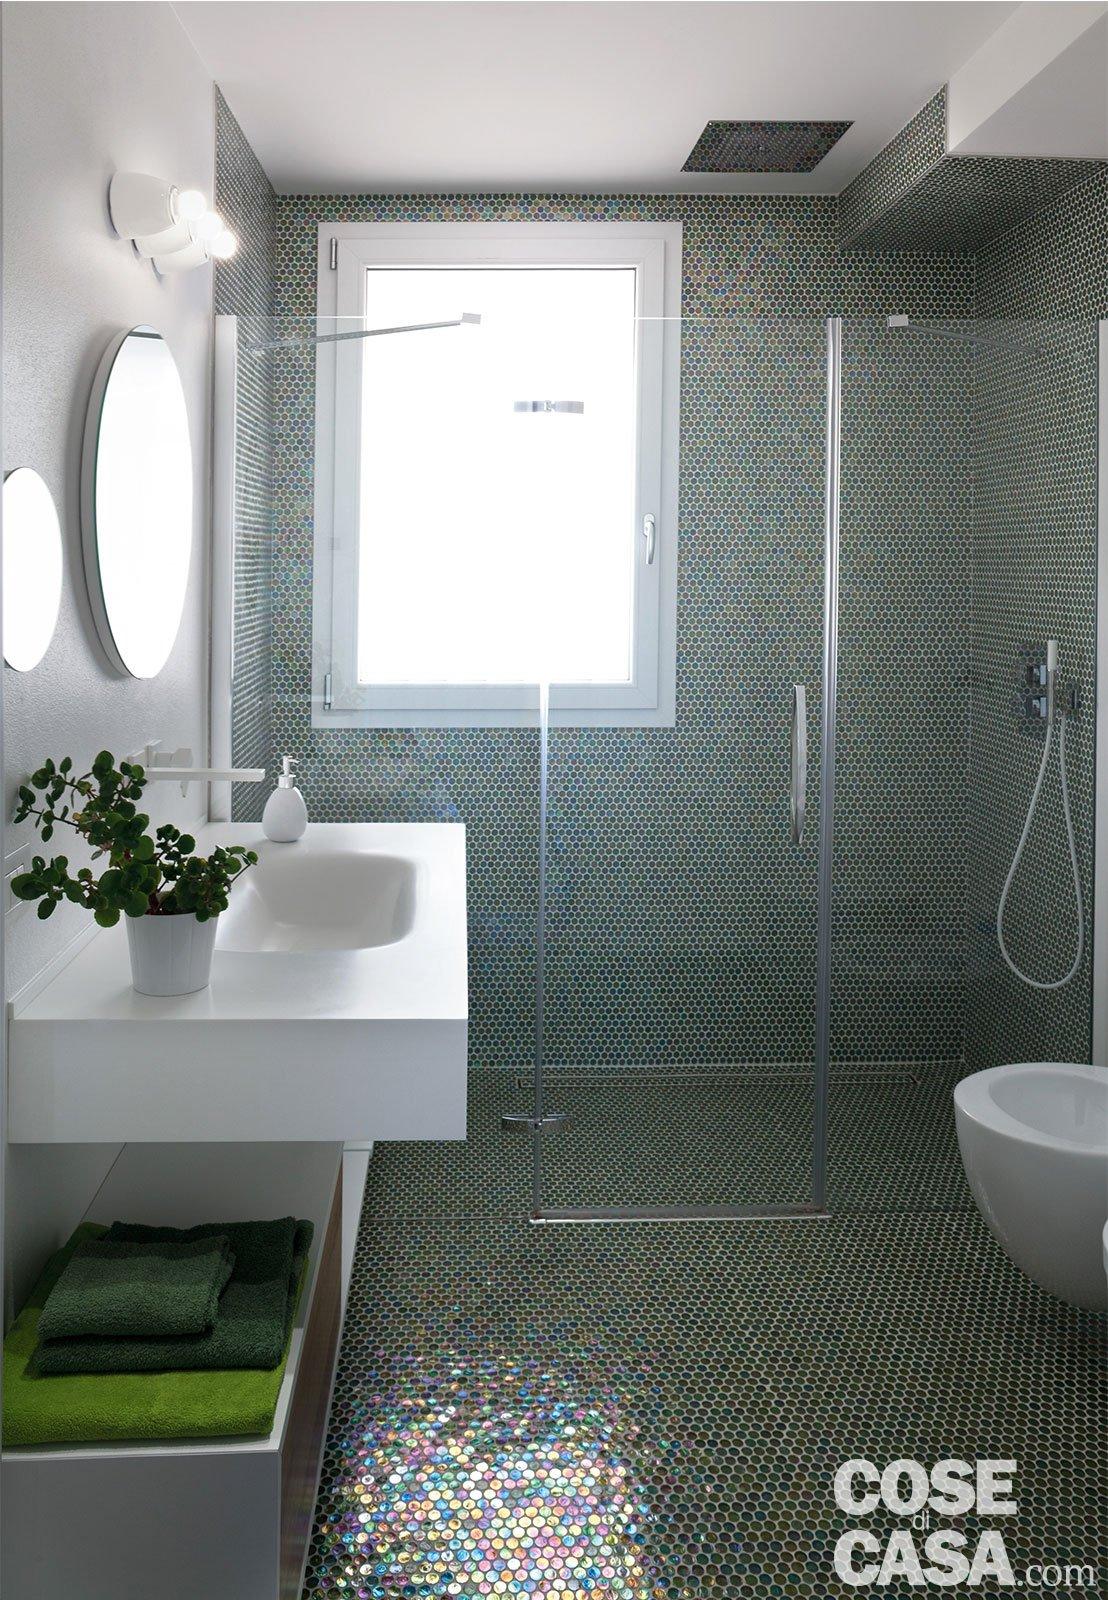 Piastrelle bagno altezza 120 top altezza bagno il meglio - Piastrelle bagno altezza 120 ...